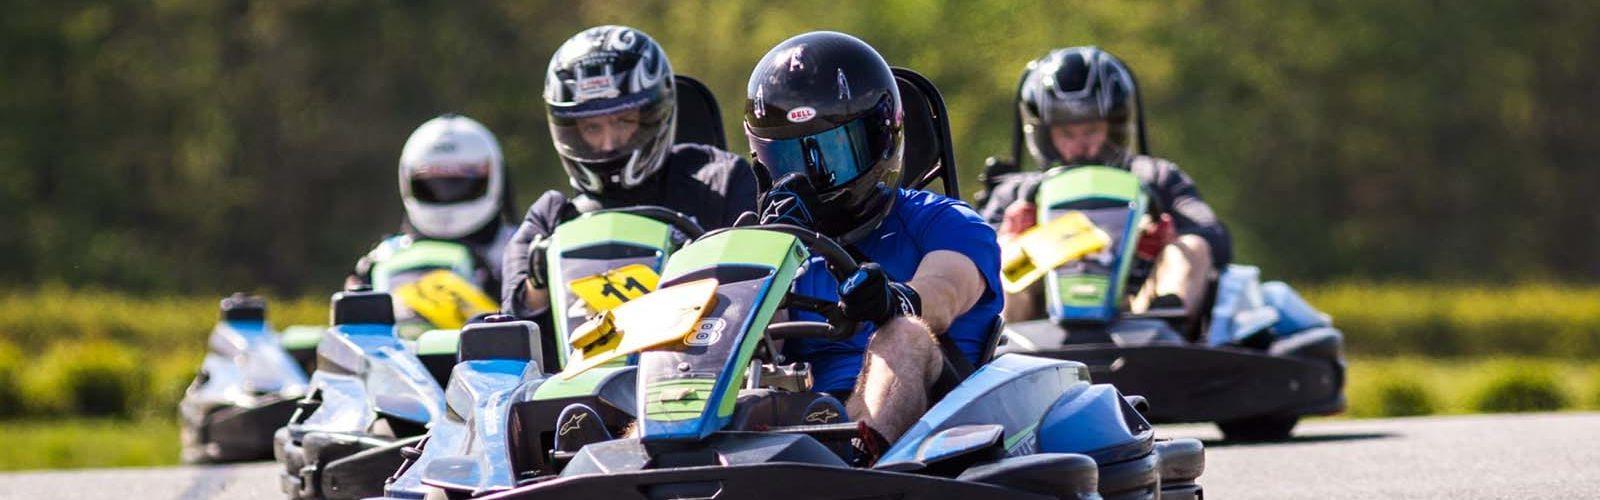 faire-karting-atlanta-circuit-kart-une